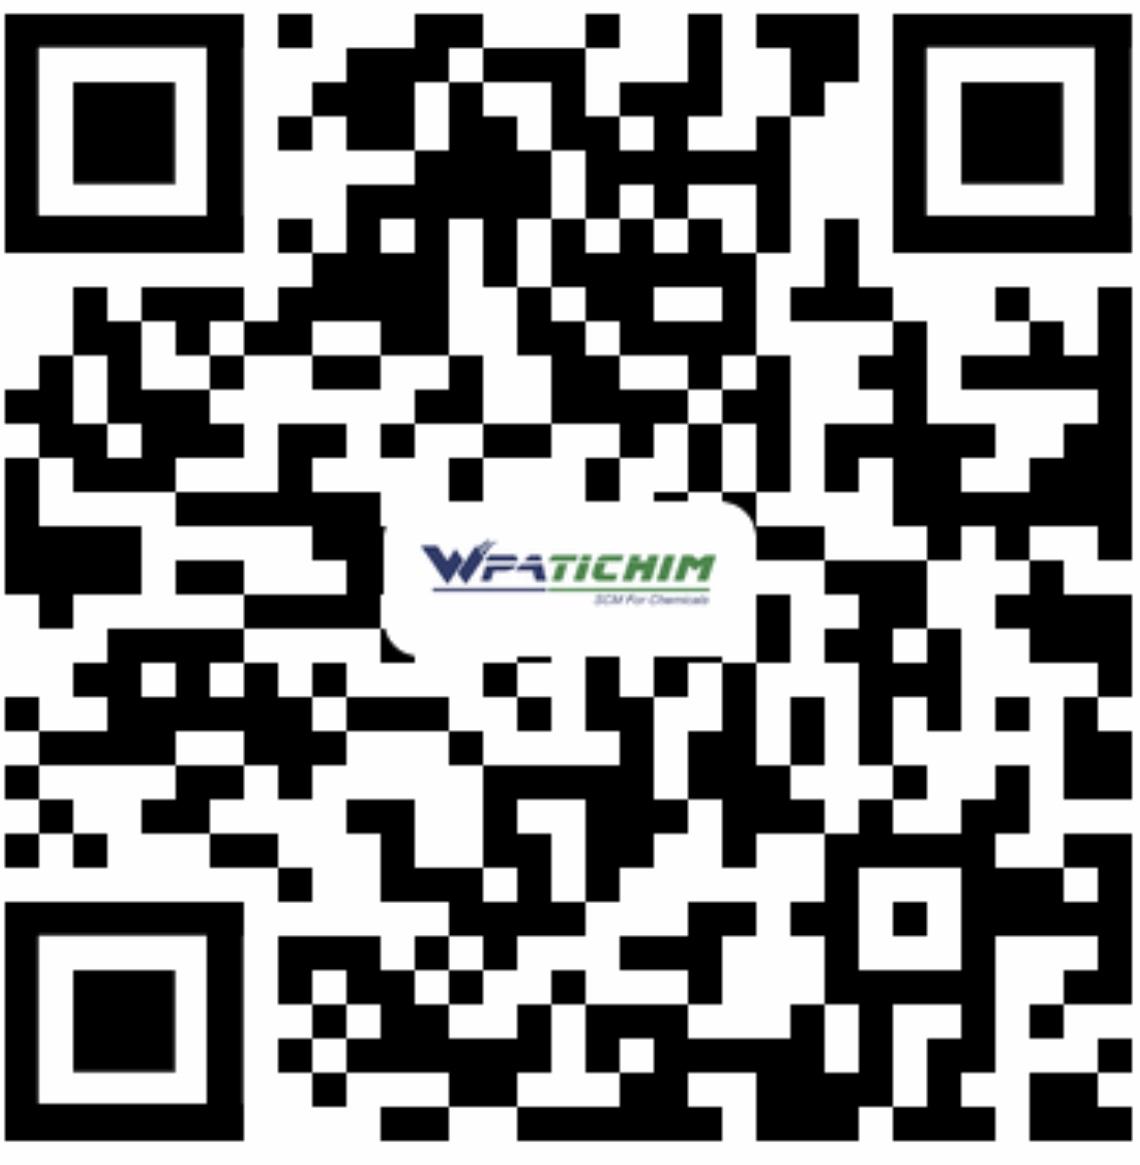 上海威灿供应链管理有限公司